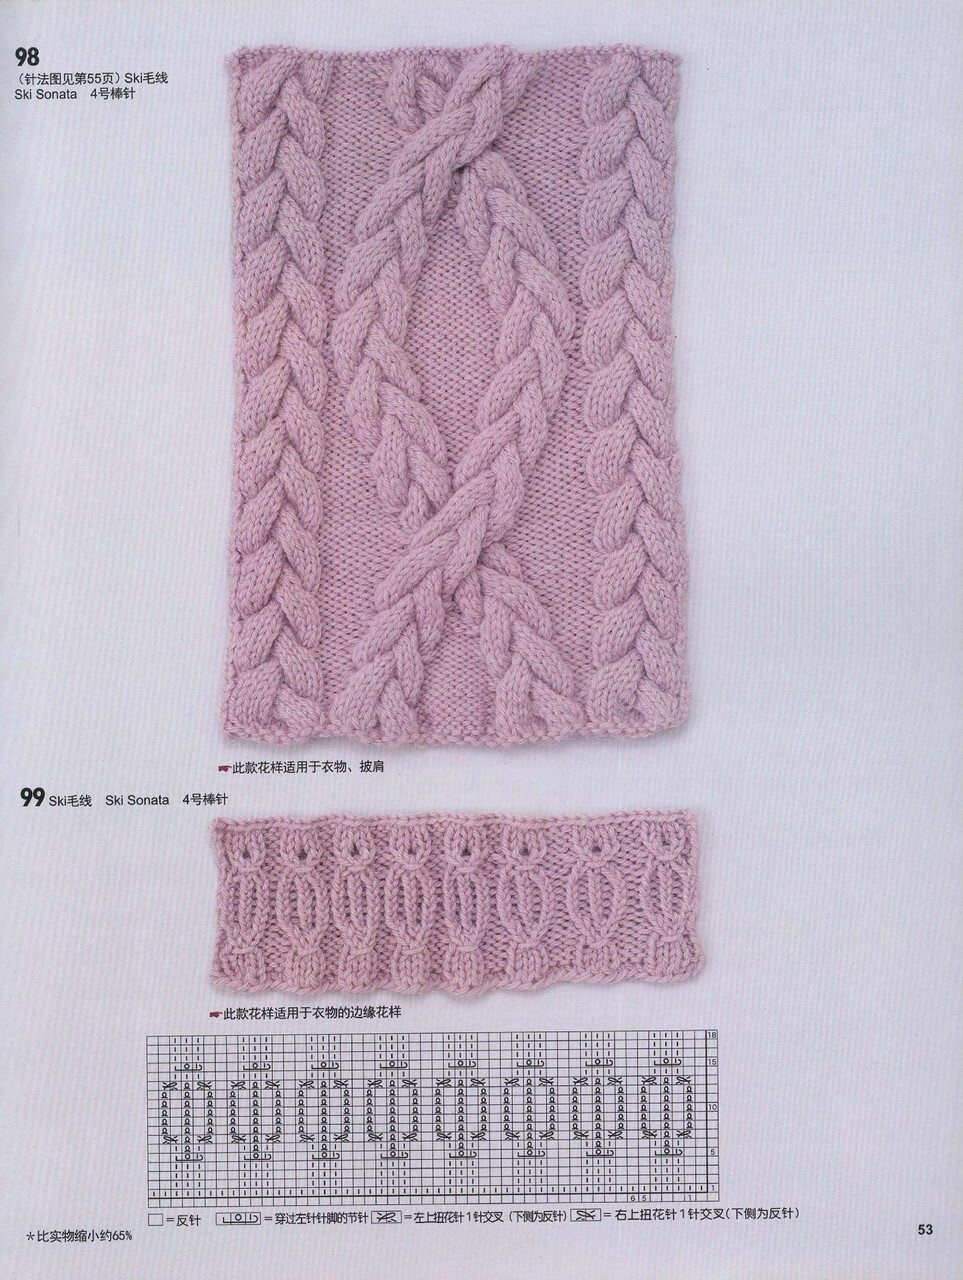 150 Knitting_55.jpg